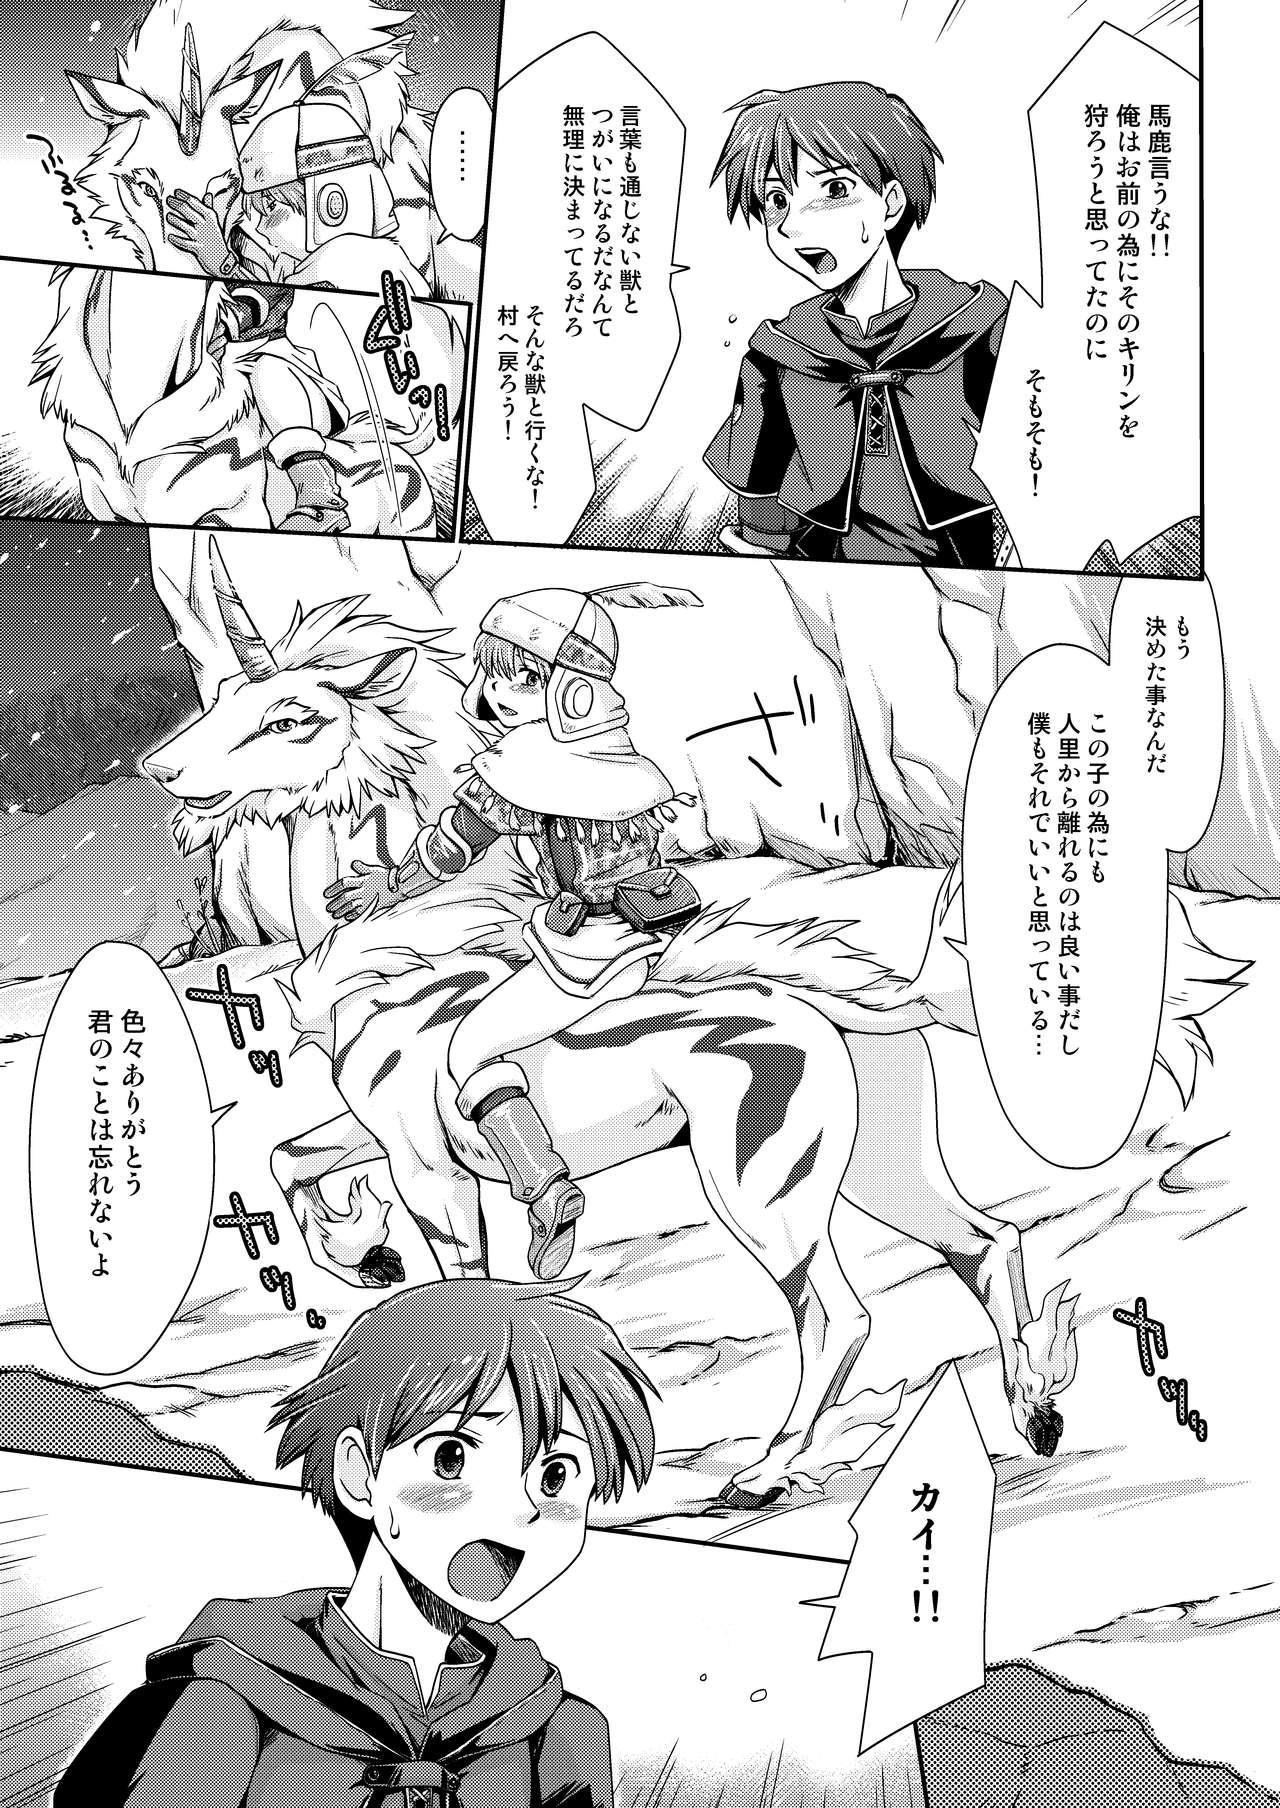 Kirin to Narga to Hunter to 6